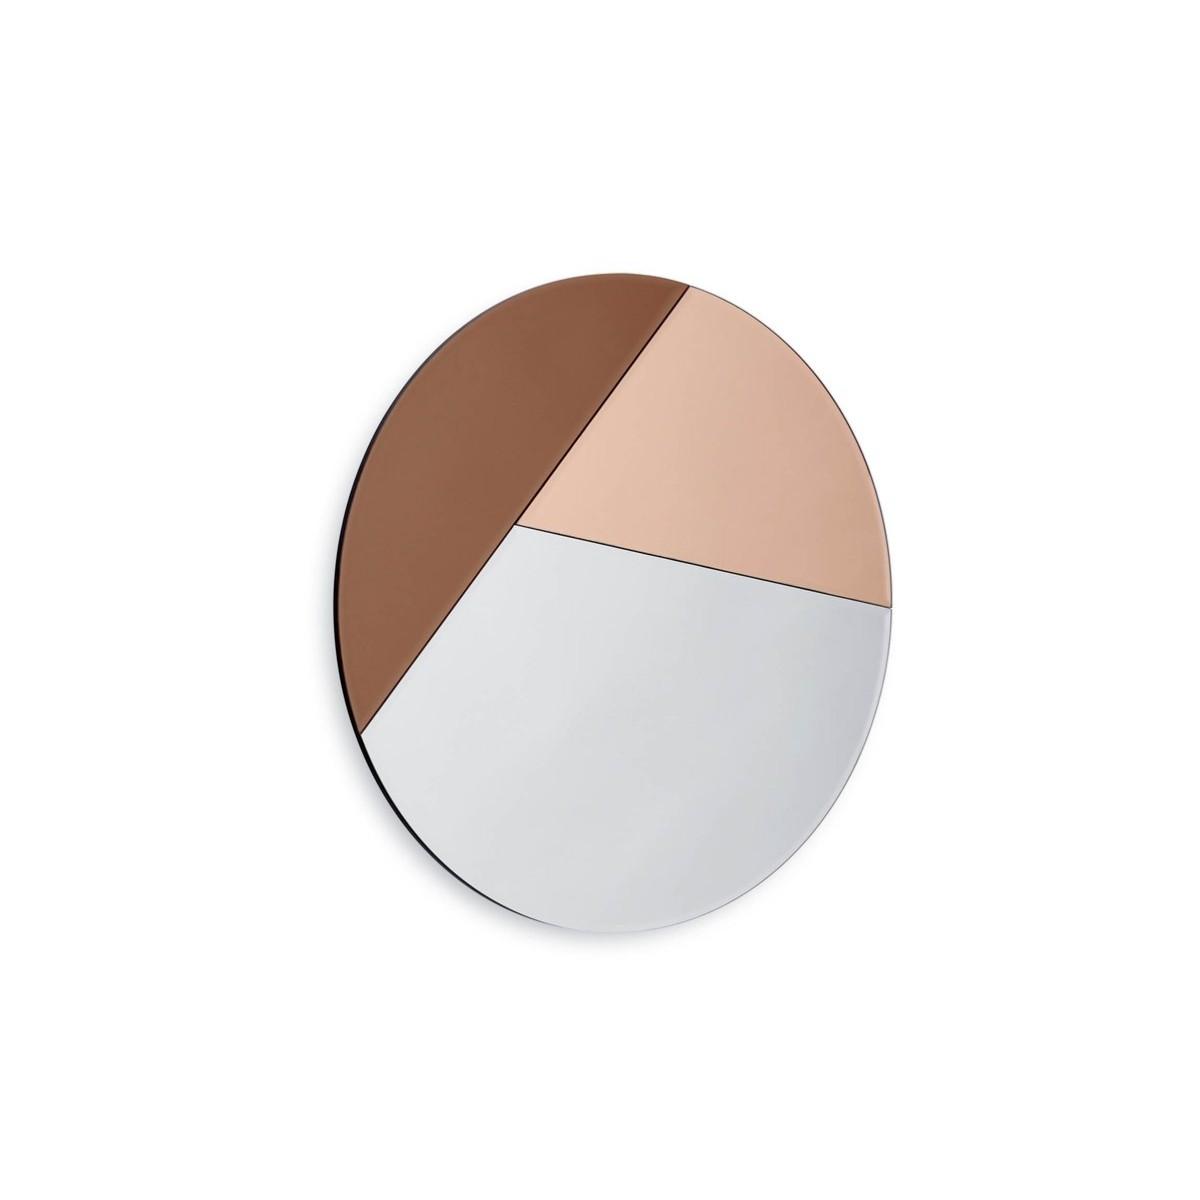 Reflections Copenhagen I Nouveu 70 Mirror